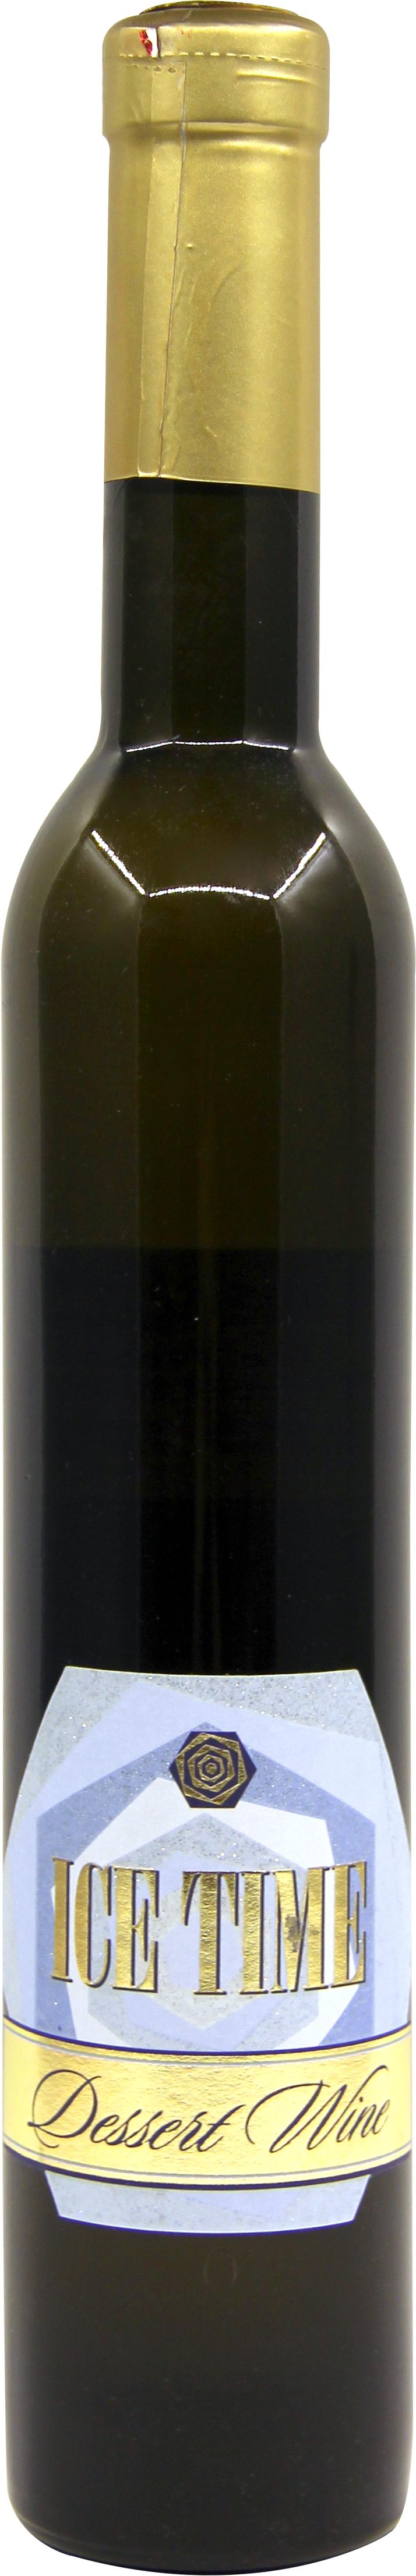 冰雕时光甜型葡萄酒